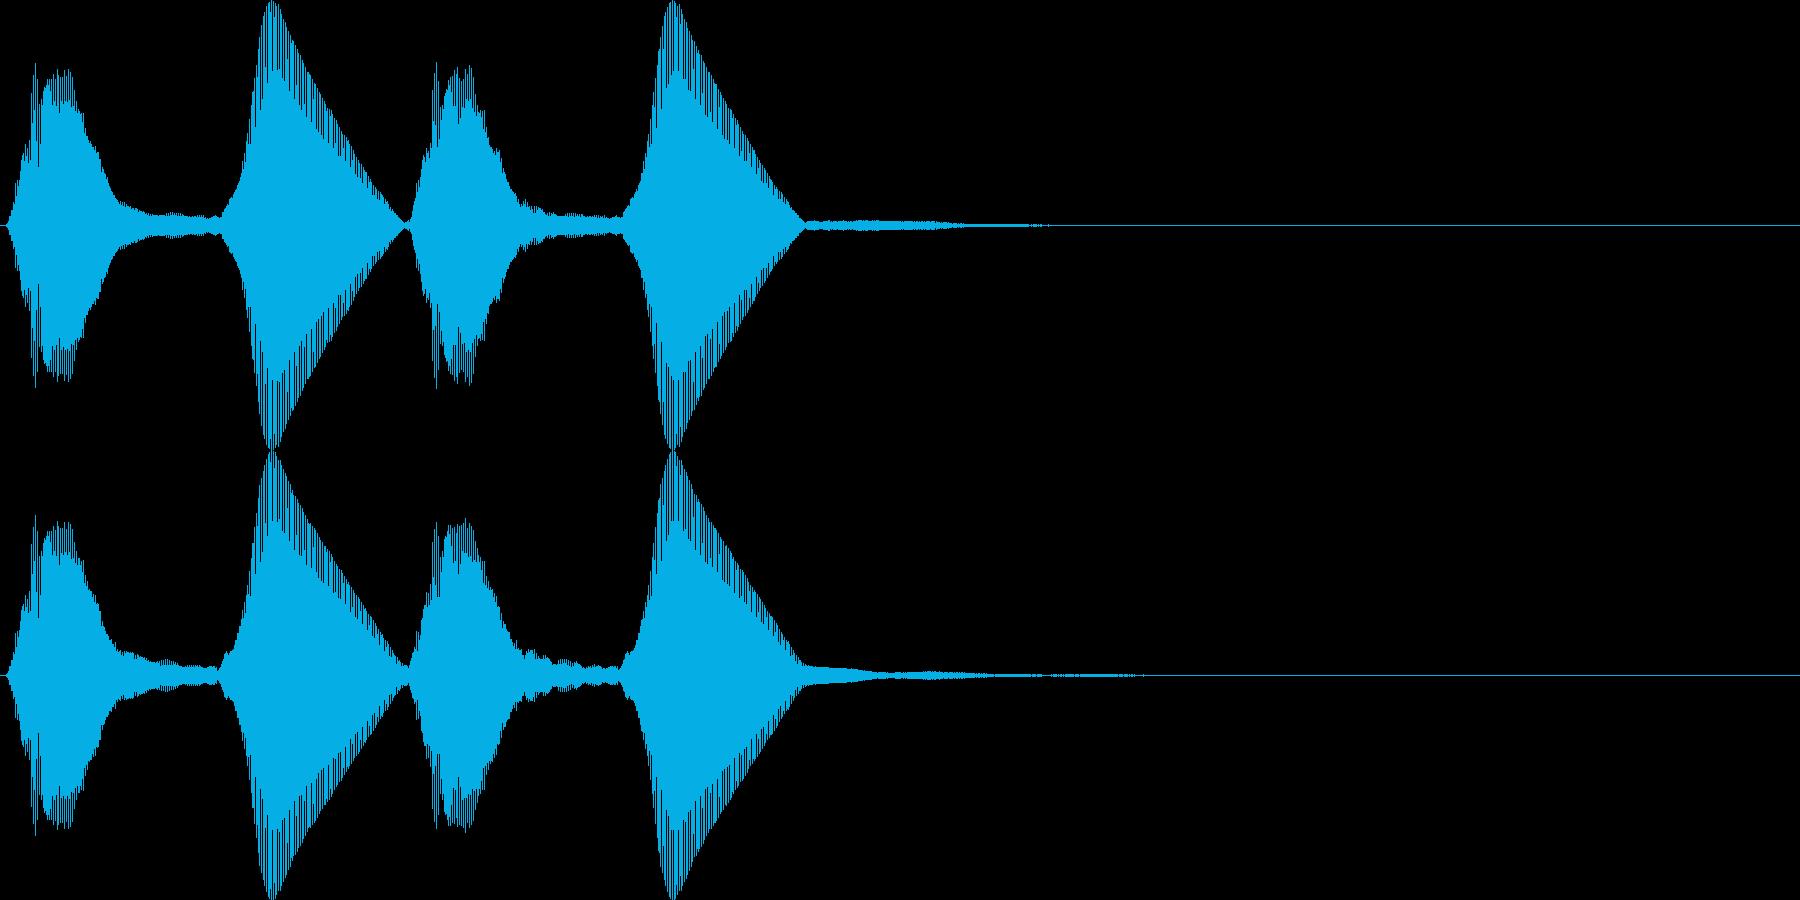 パフパフ。パフパフラッパD(高・2連発)の再生済みの波形